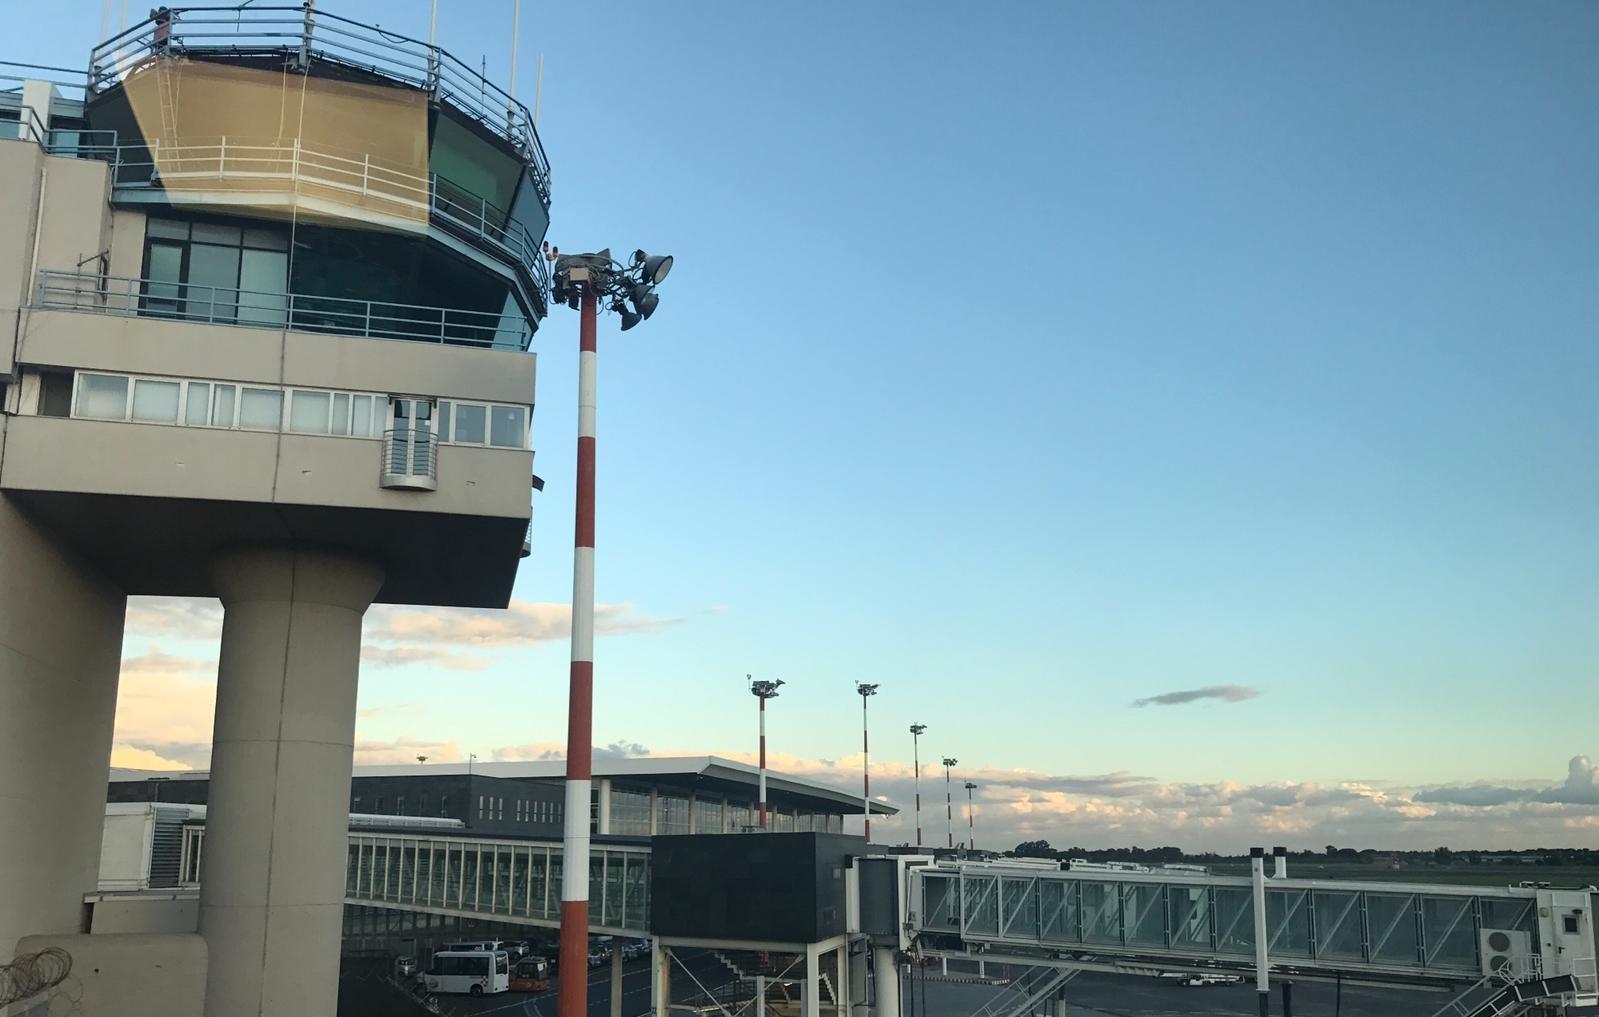 Aeroporto di Catania, nel 2020 passeggeri in calo del 64%